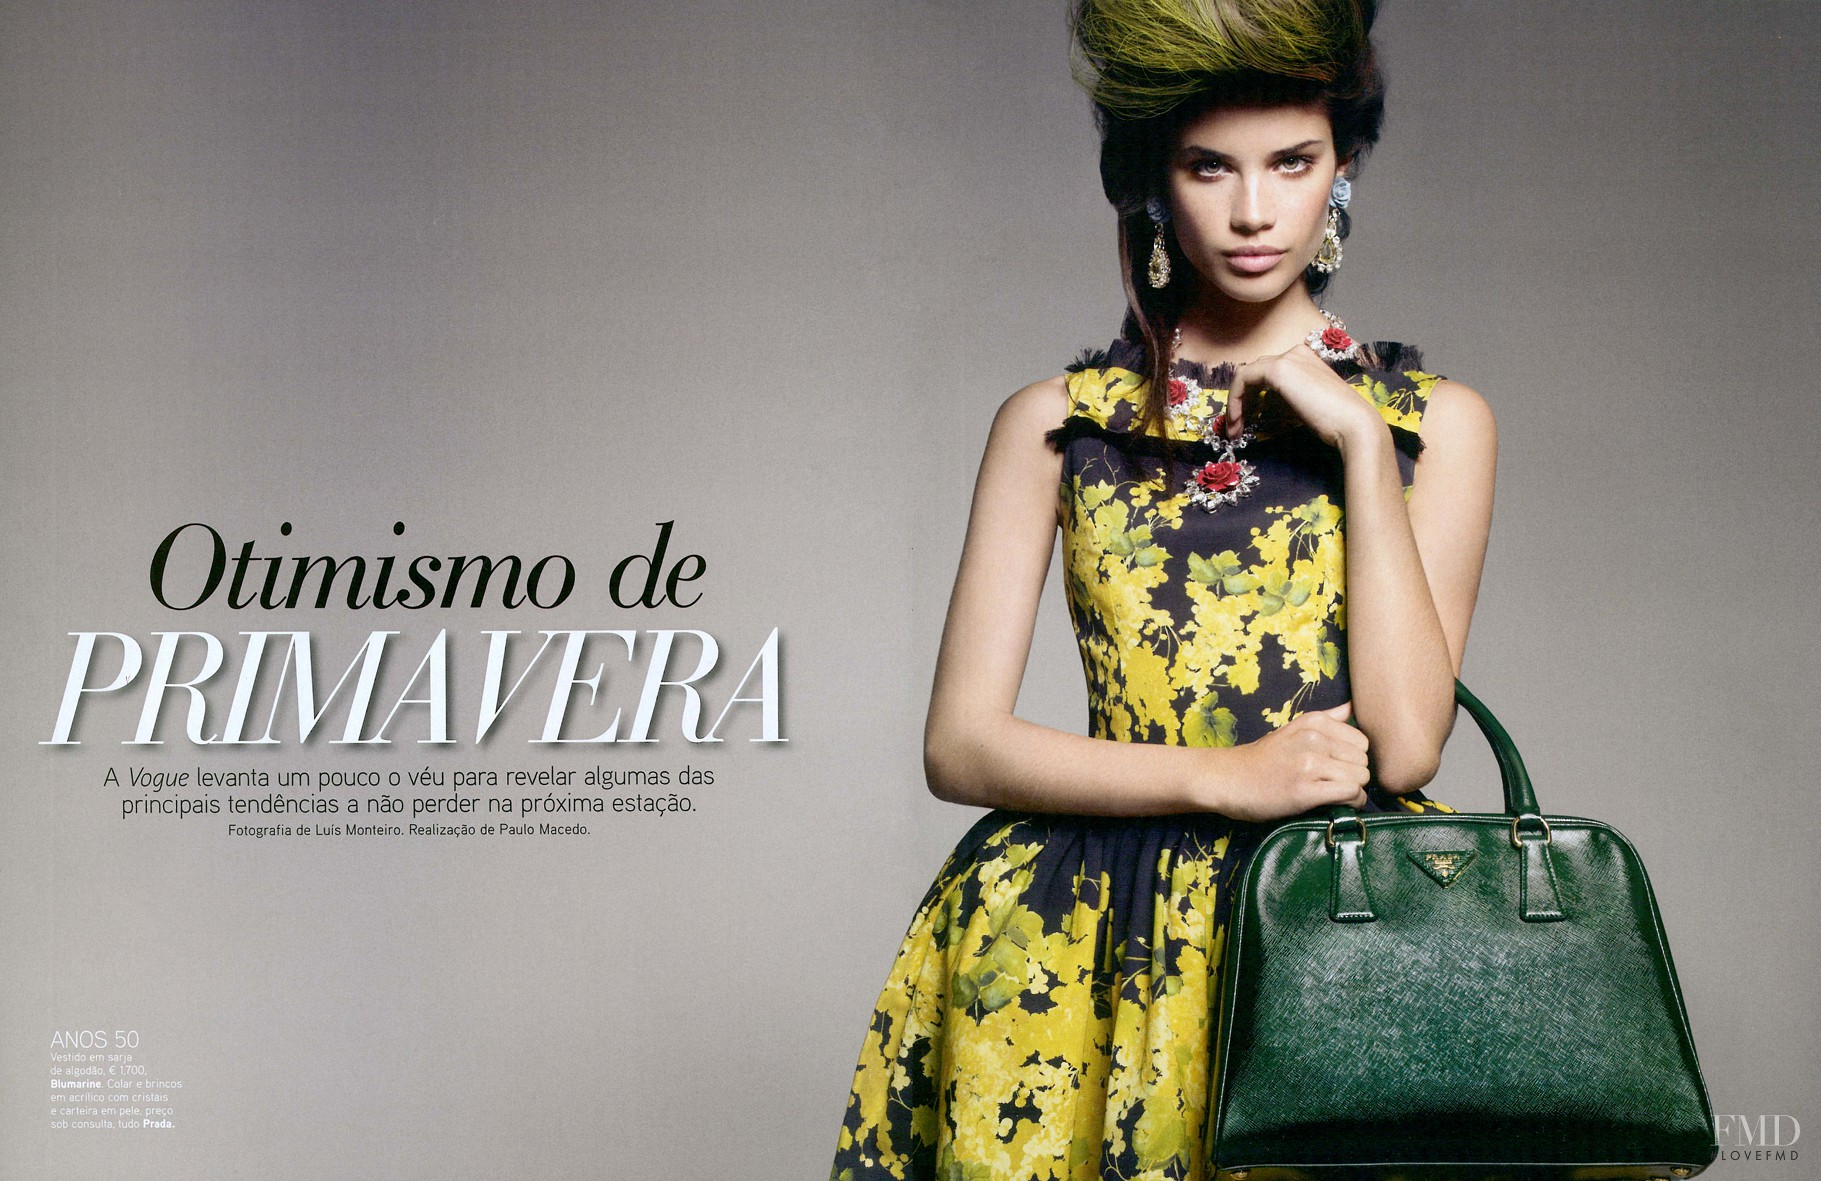 c436ad7f2 Otimismo de Primavera in Vogue Portugal with Sara Sampaio - (ID ...